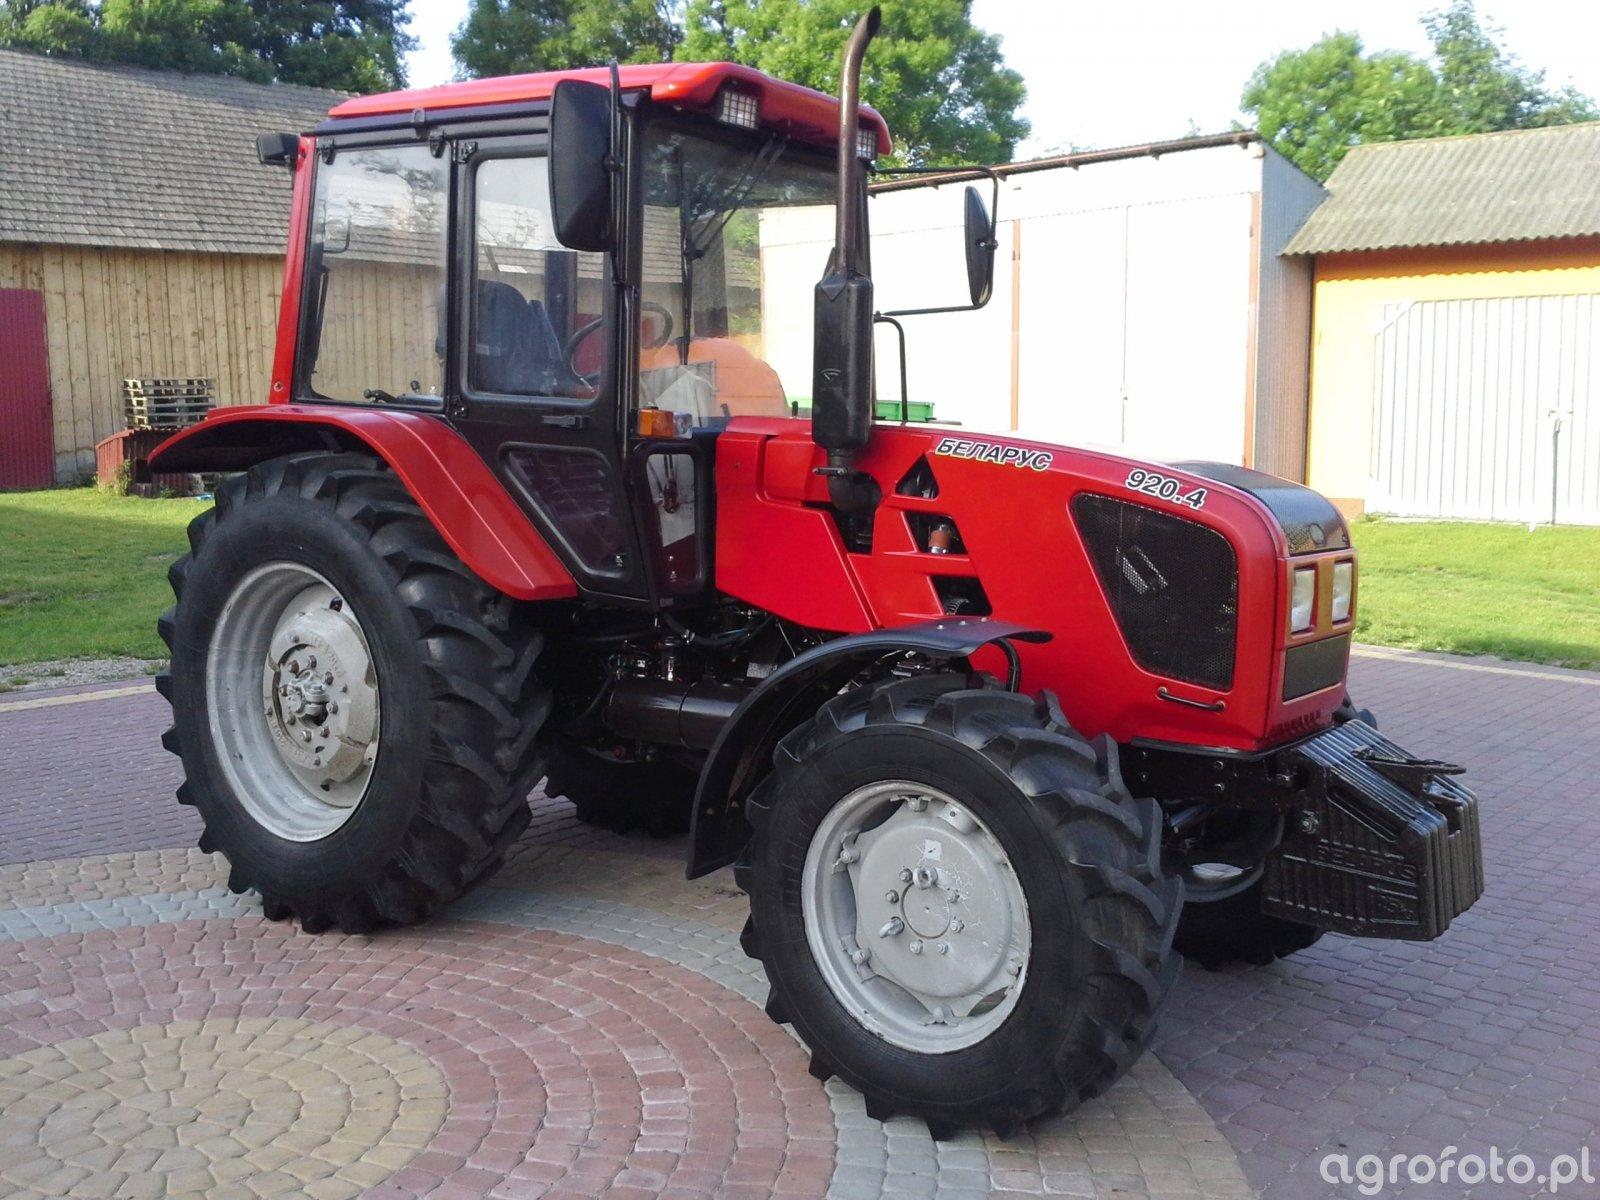 Belarus 920.4